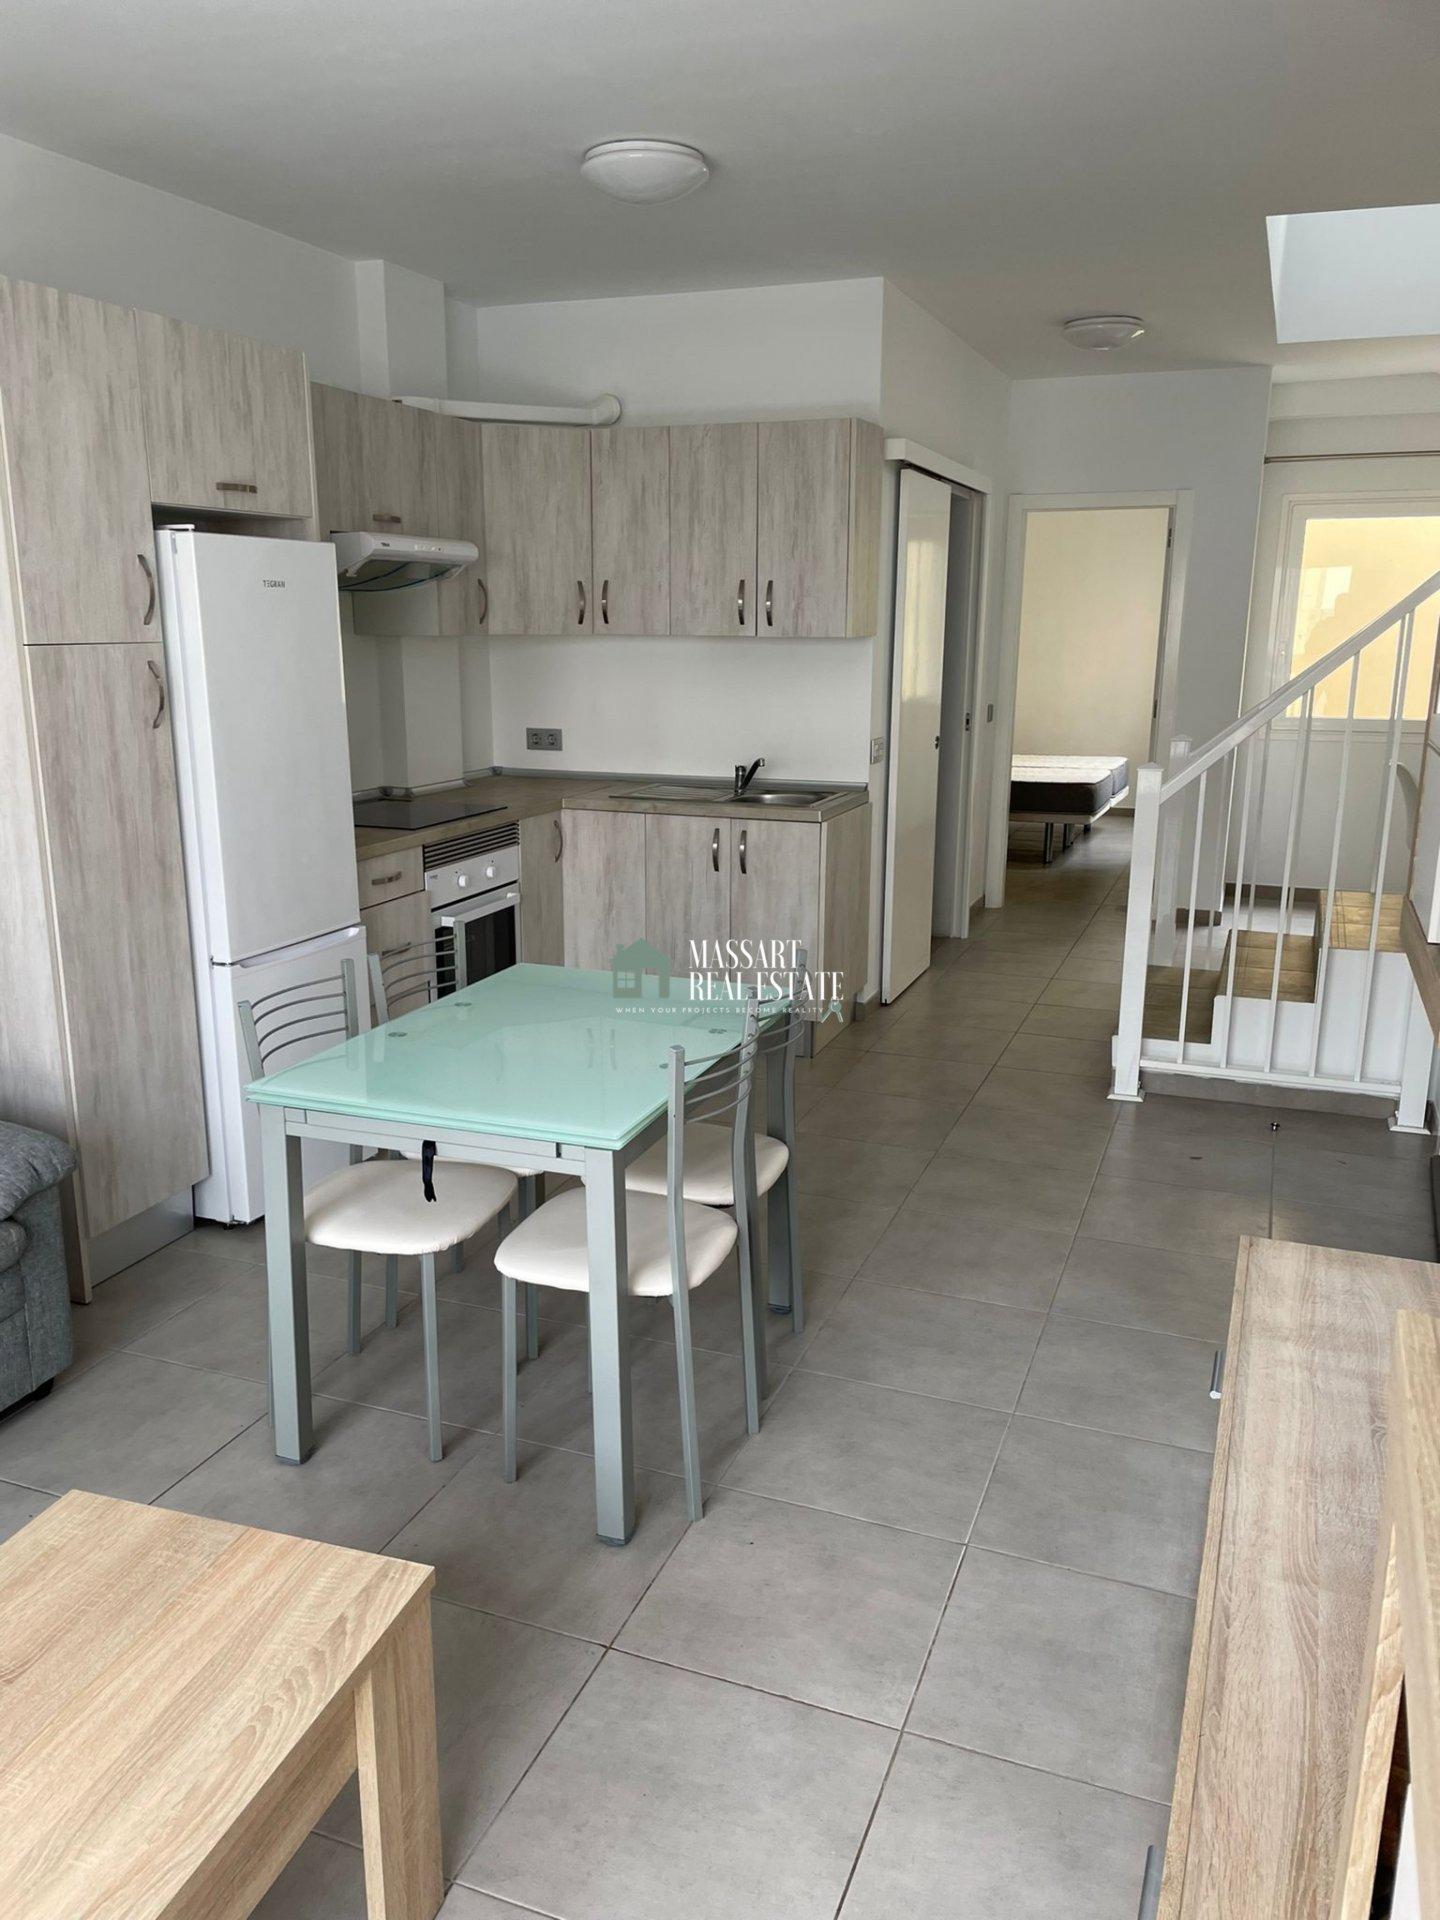 Moderno ático caracterizado por ofrecer una azotea enorme y privada, ubicado en una céntrica zona de San Isidro.